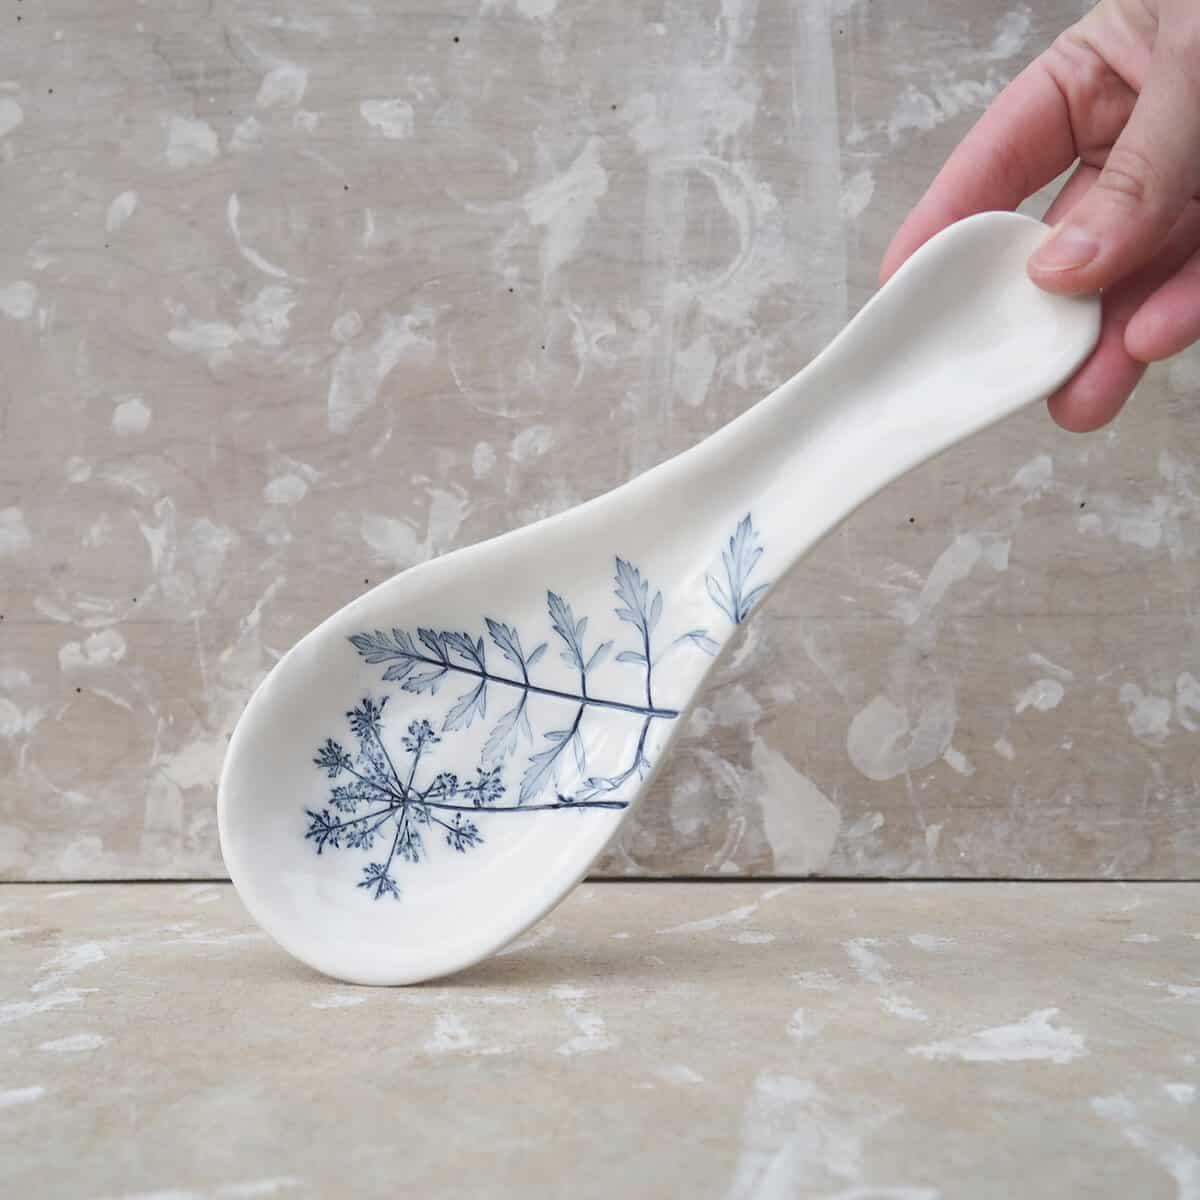 poggiamestolo in ceramica con fiore di carota